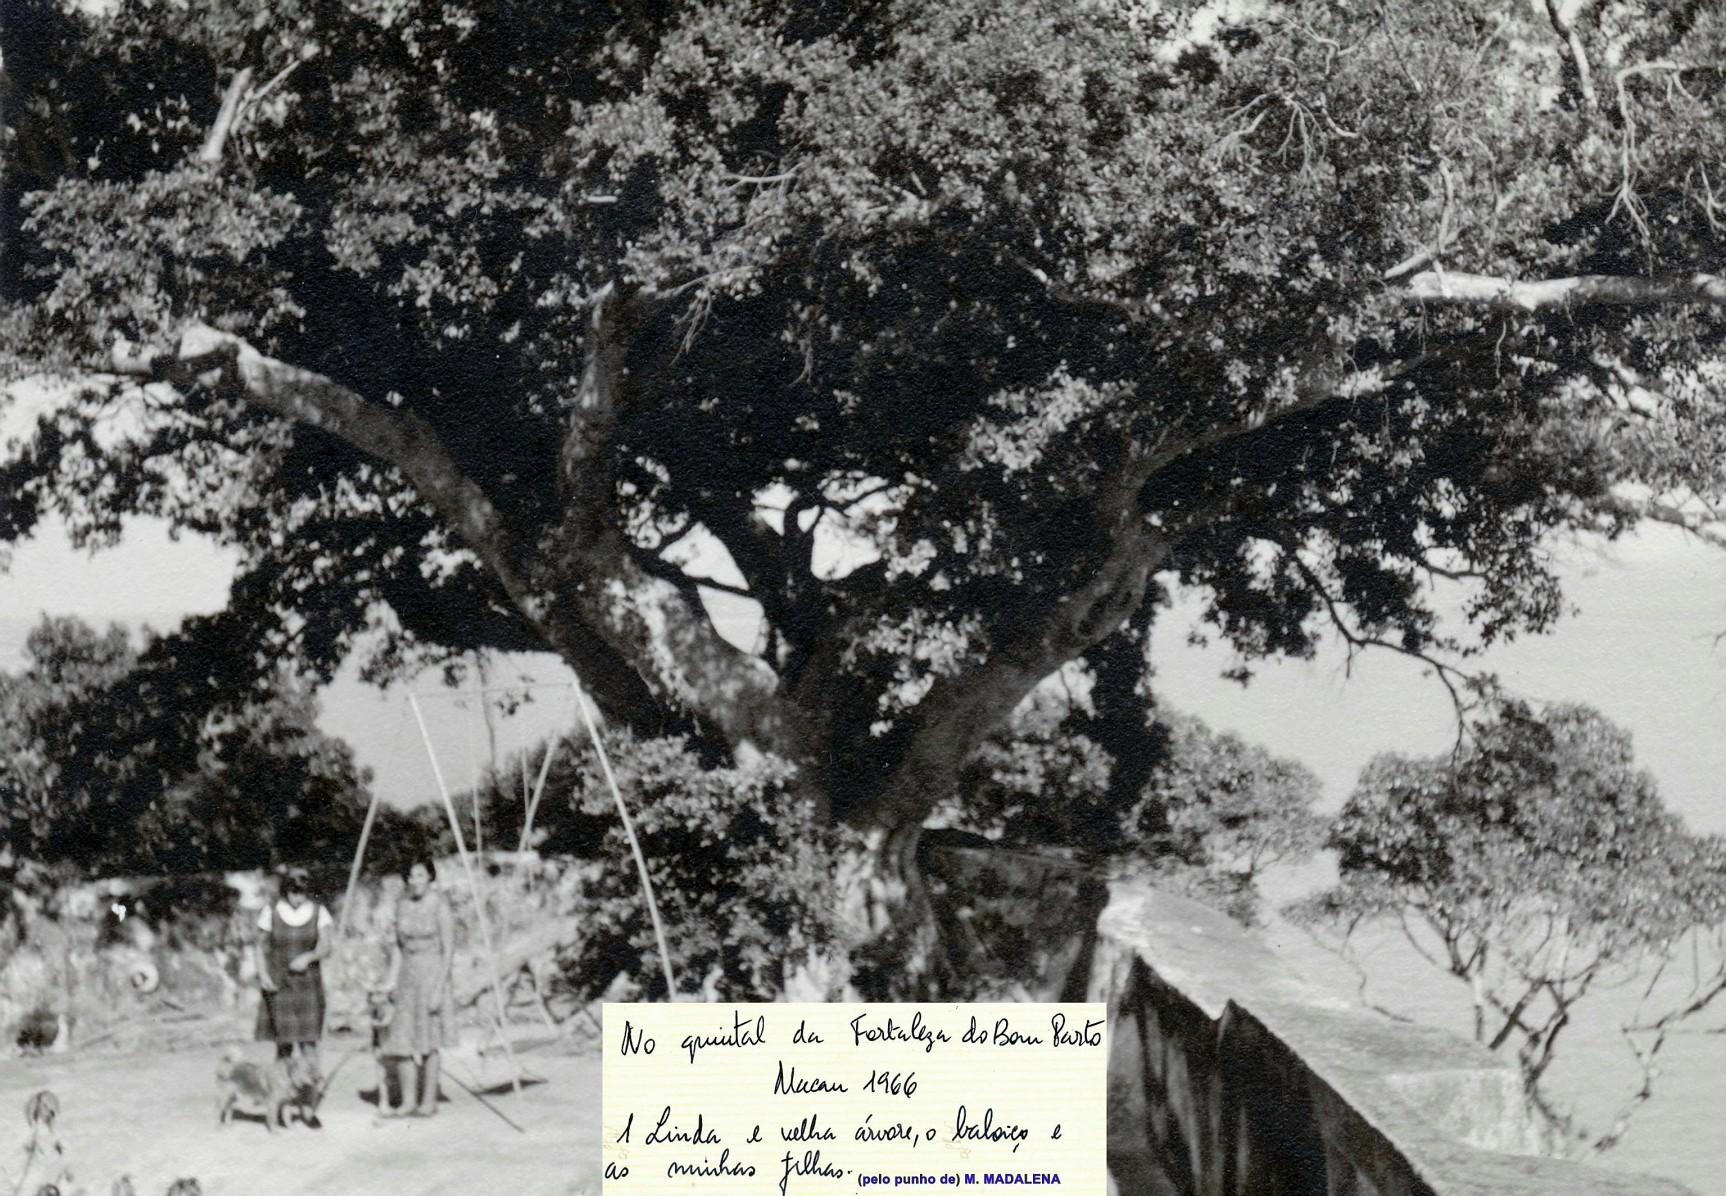 037 66-10 Bom Parto-árvore-baloiço-as filhas-os cães